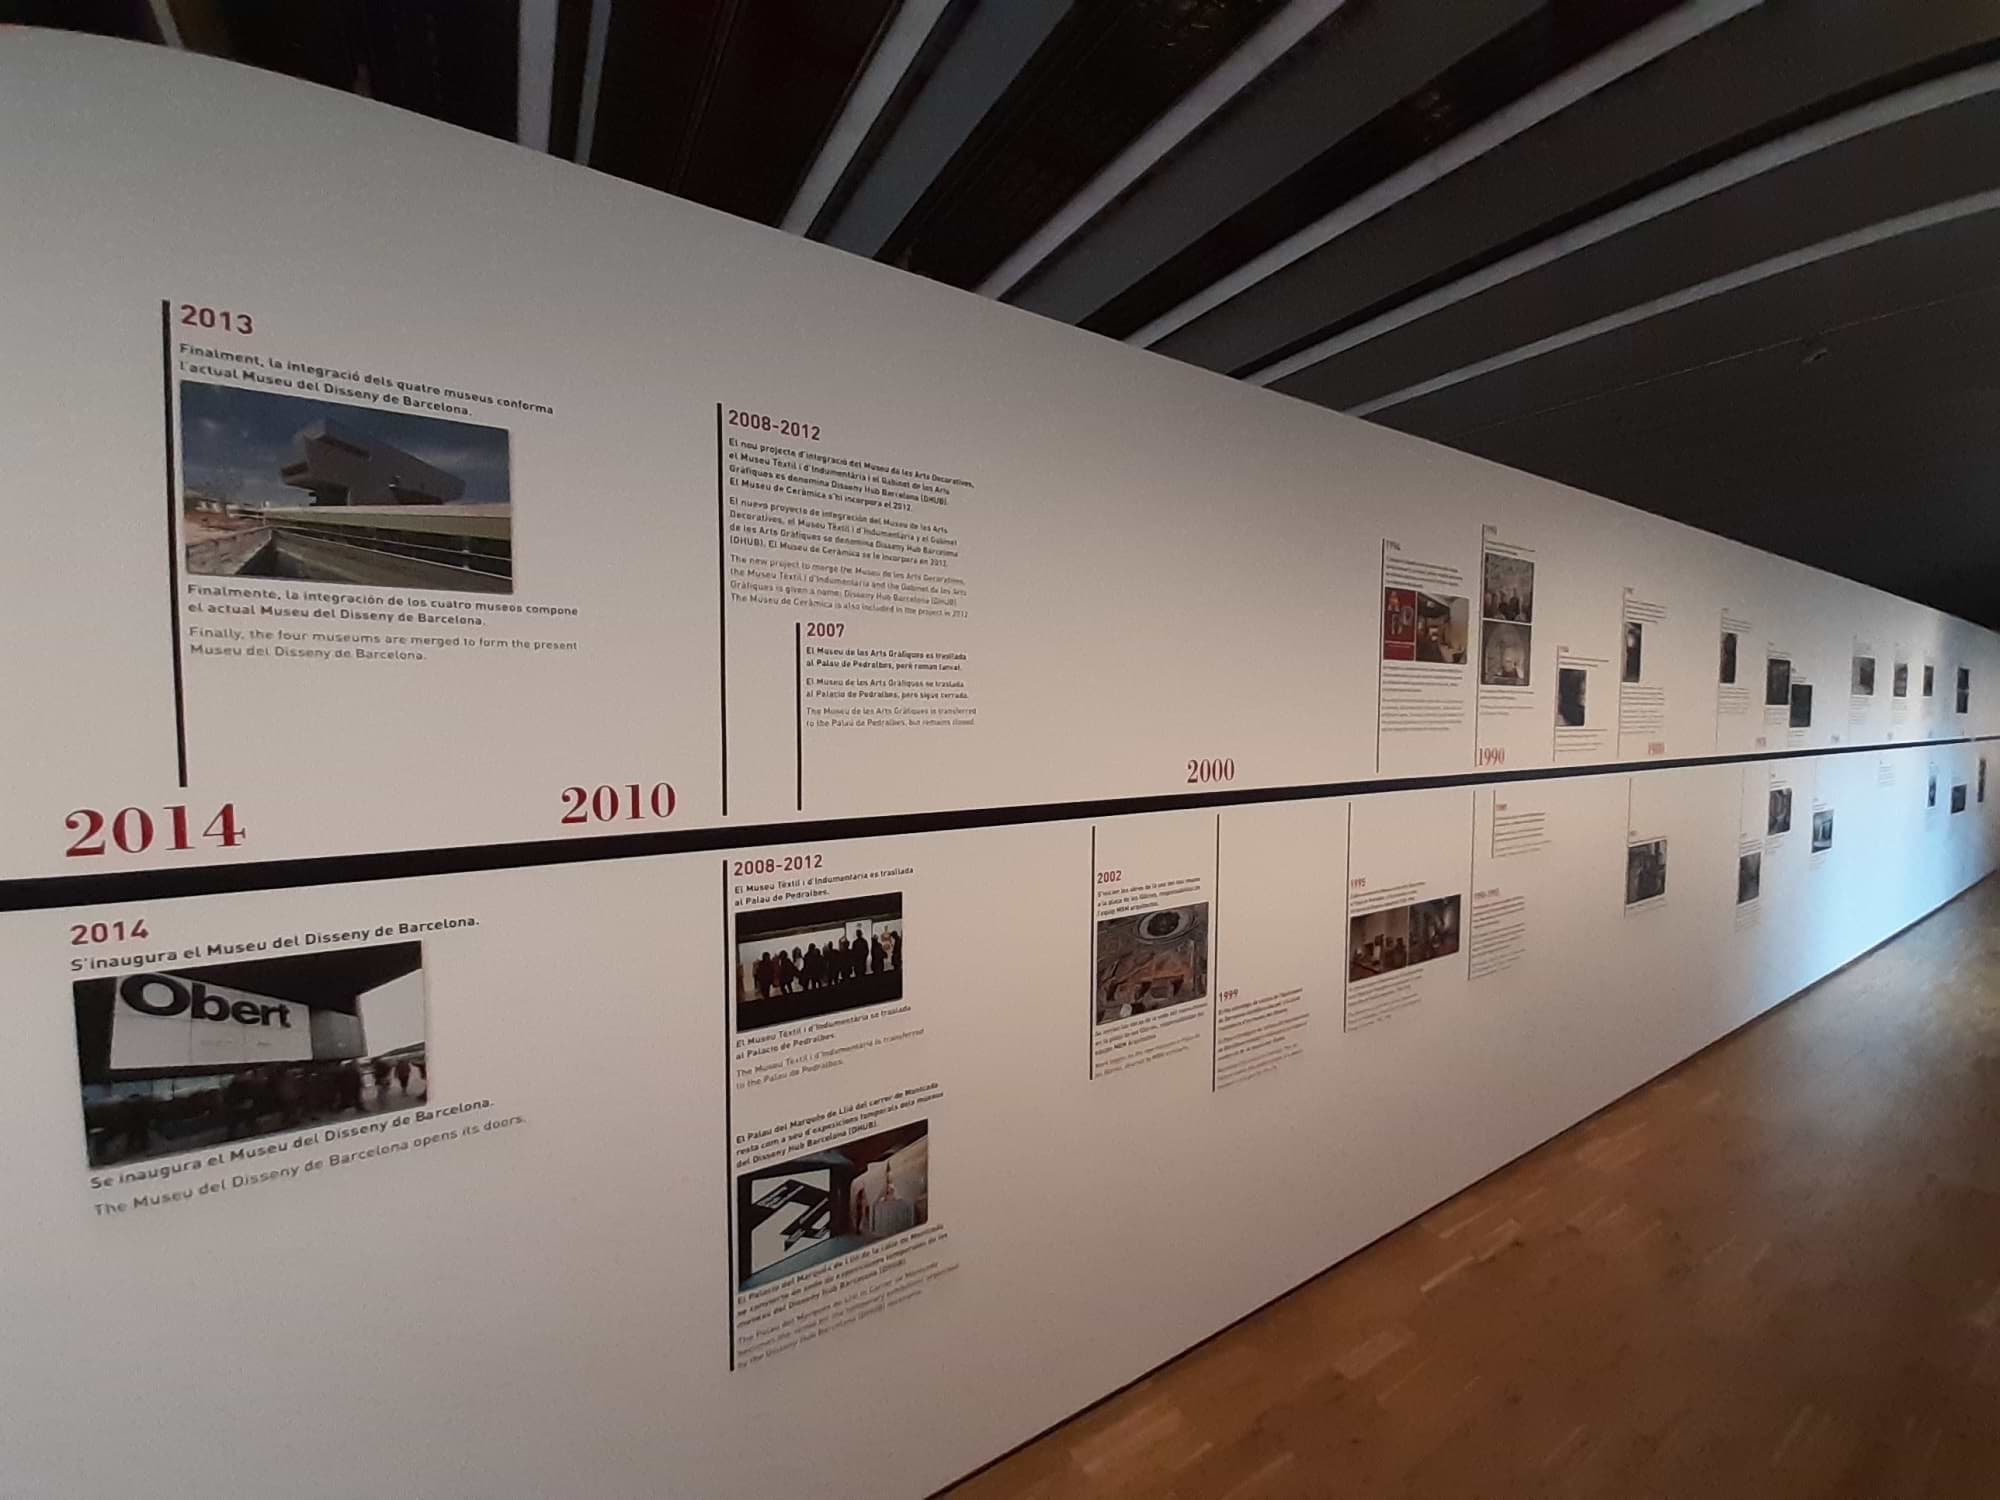 Chronologie du musée du design Barcelone